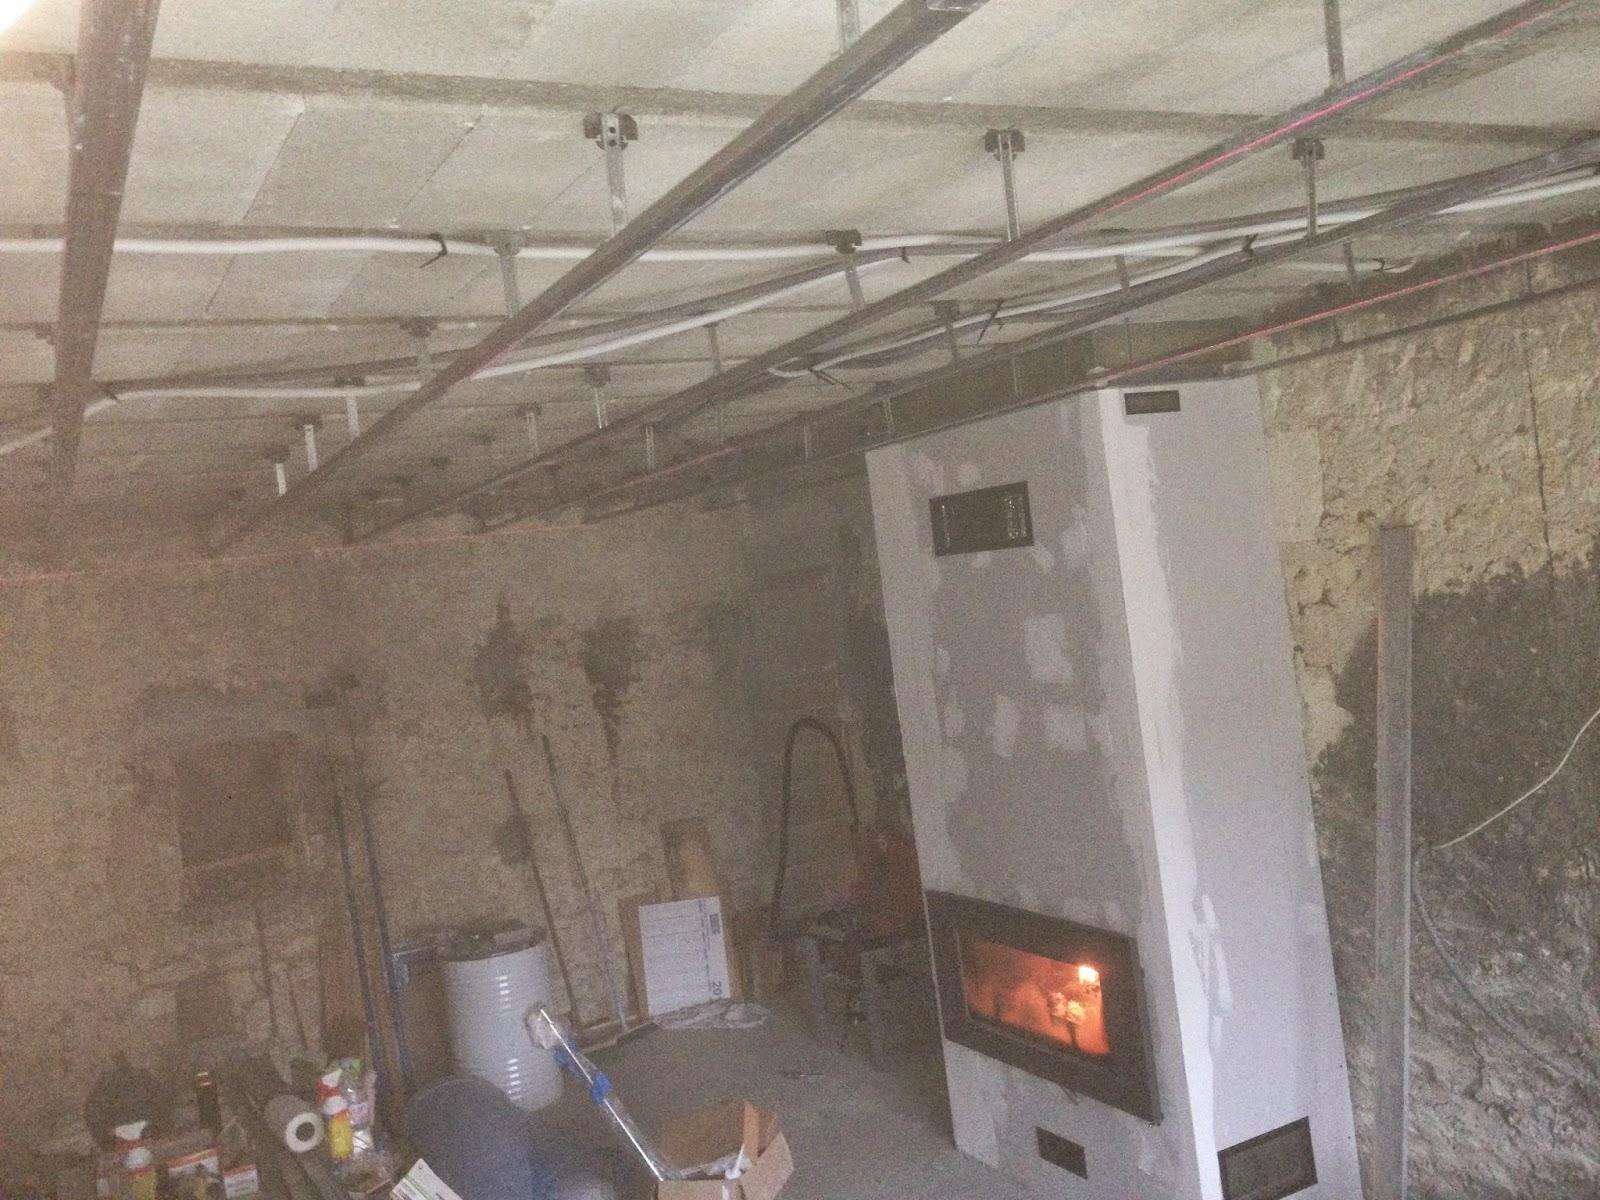 notre projet salon salle manger suspentes fourrures plafond rails montants. Black Bedroom Furniture Sets. Home Design Ideas